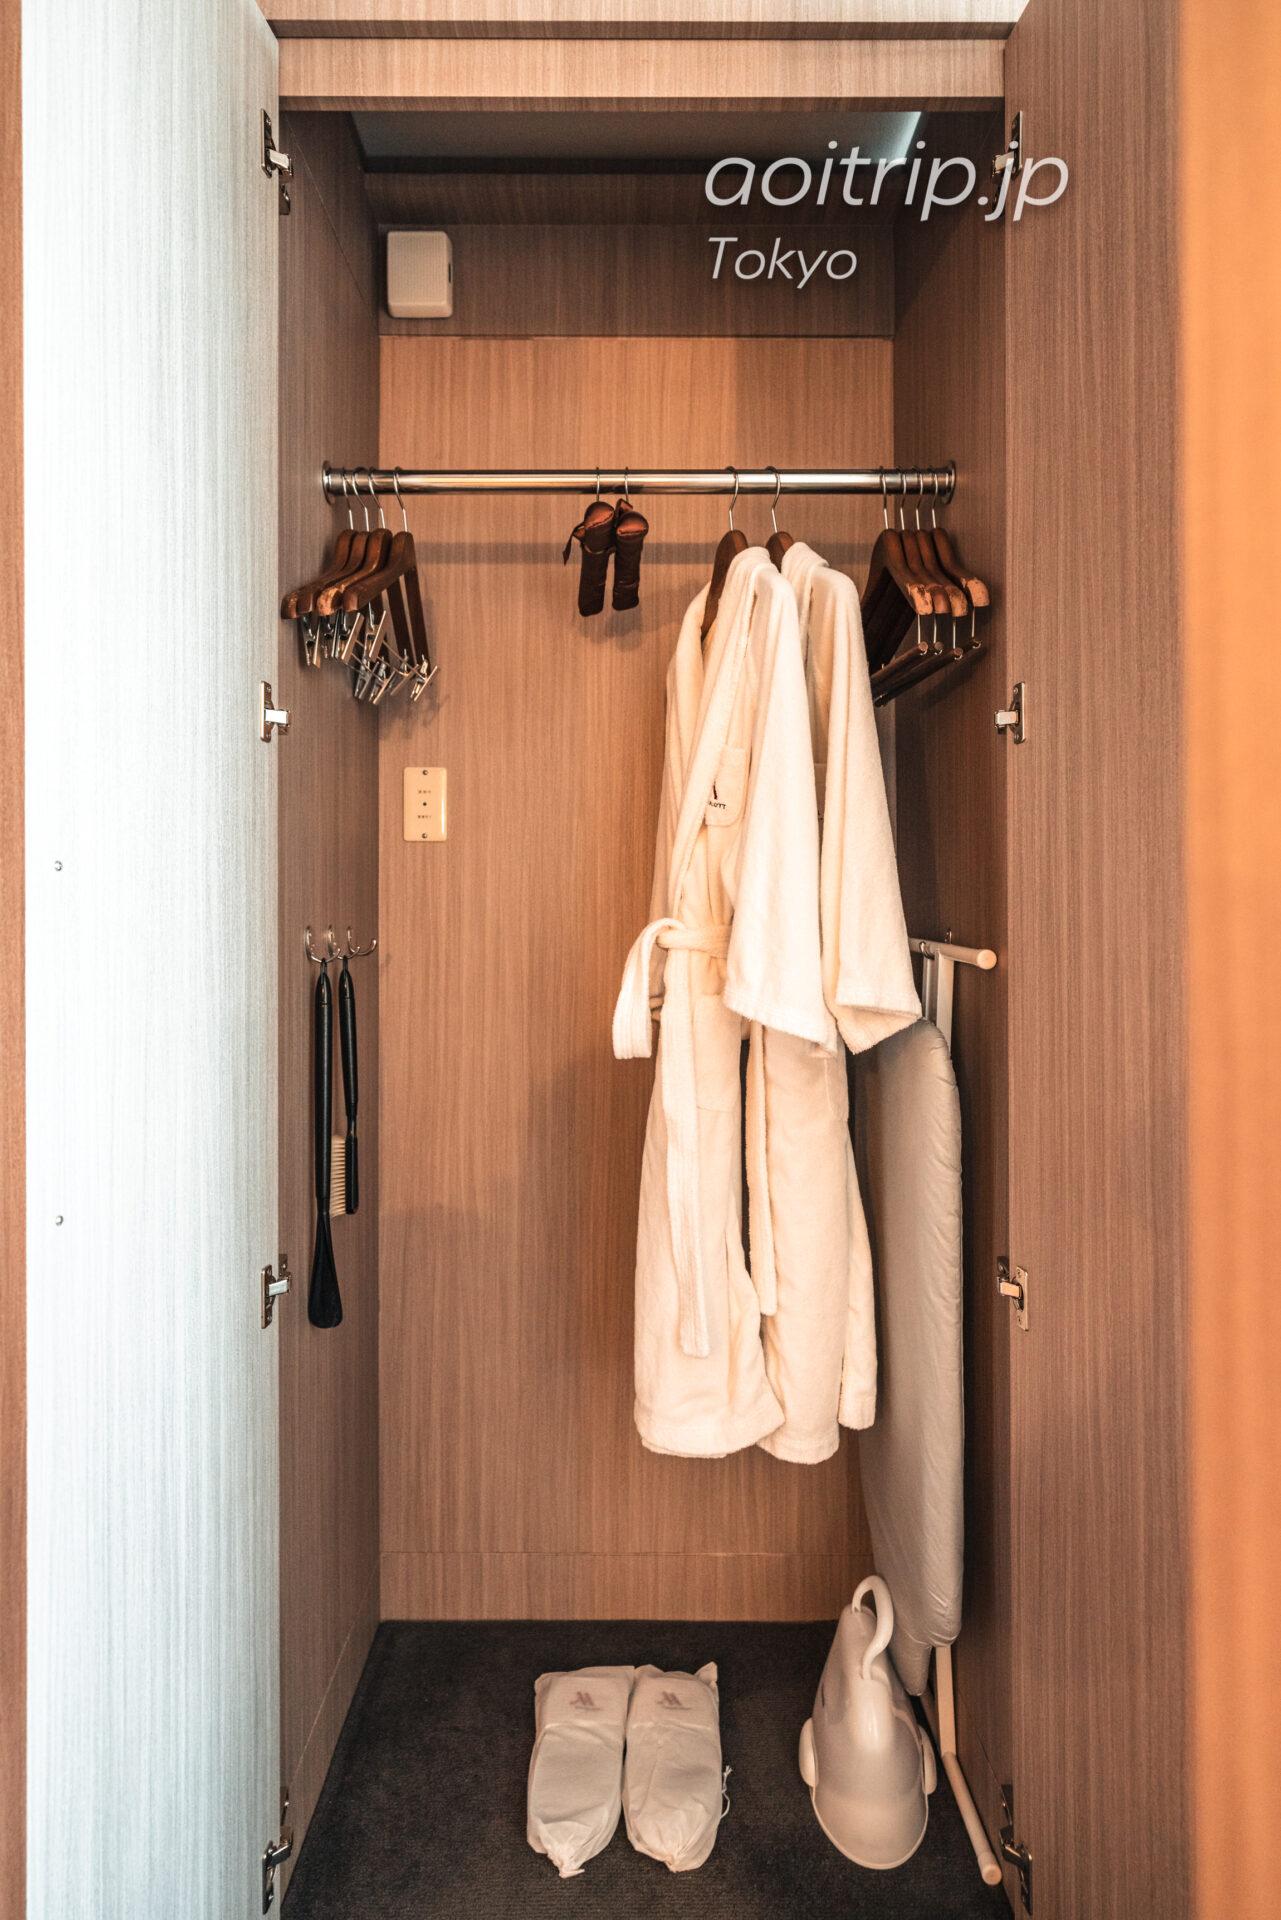 東京マリオットホテルの客室 クローゼット